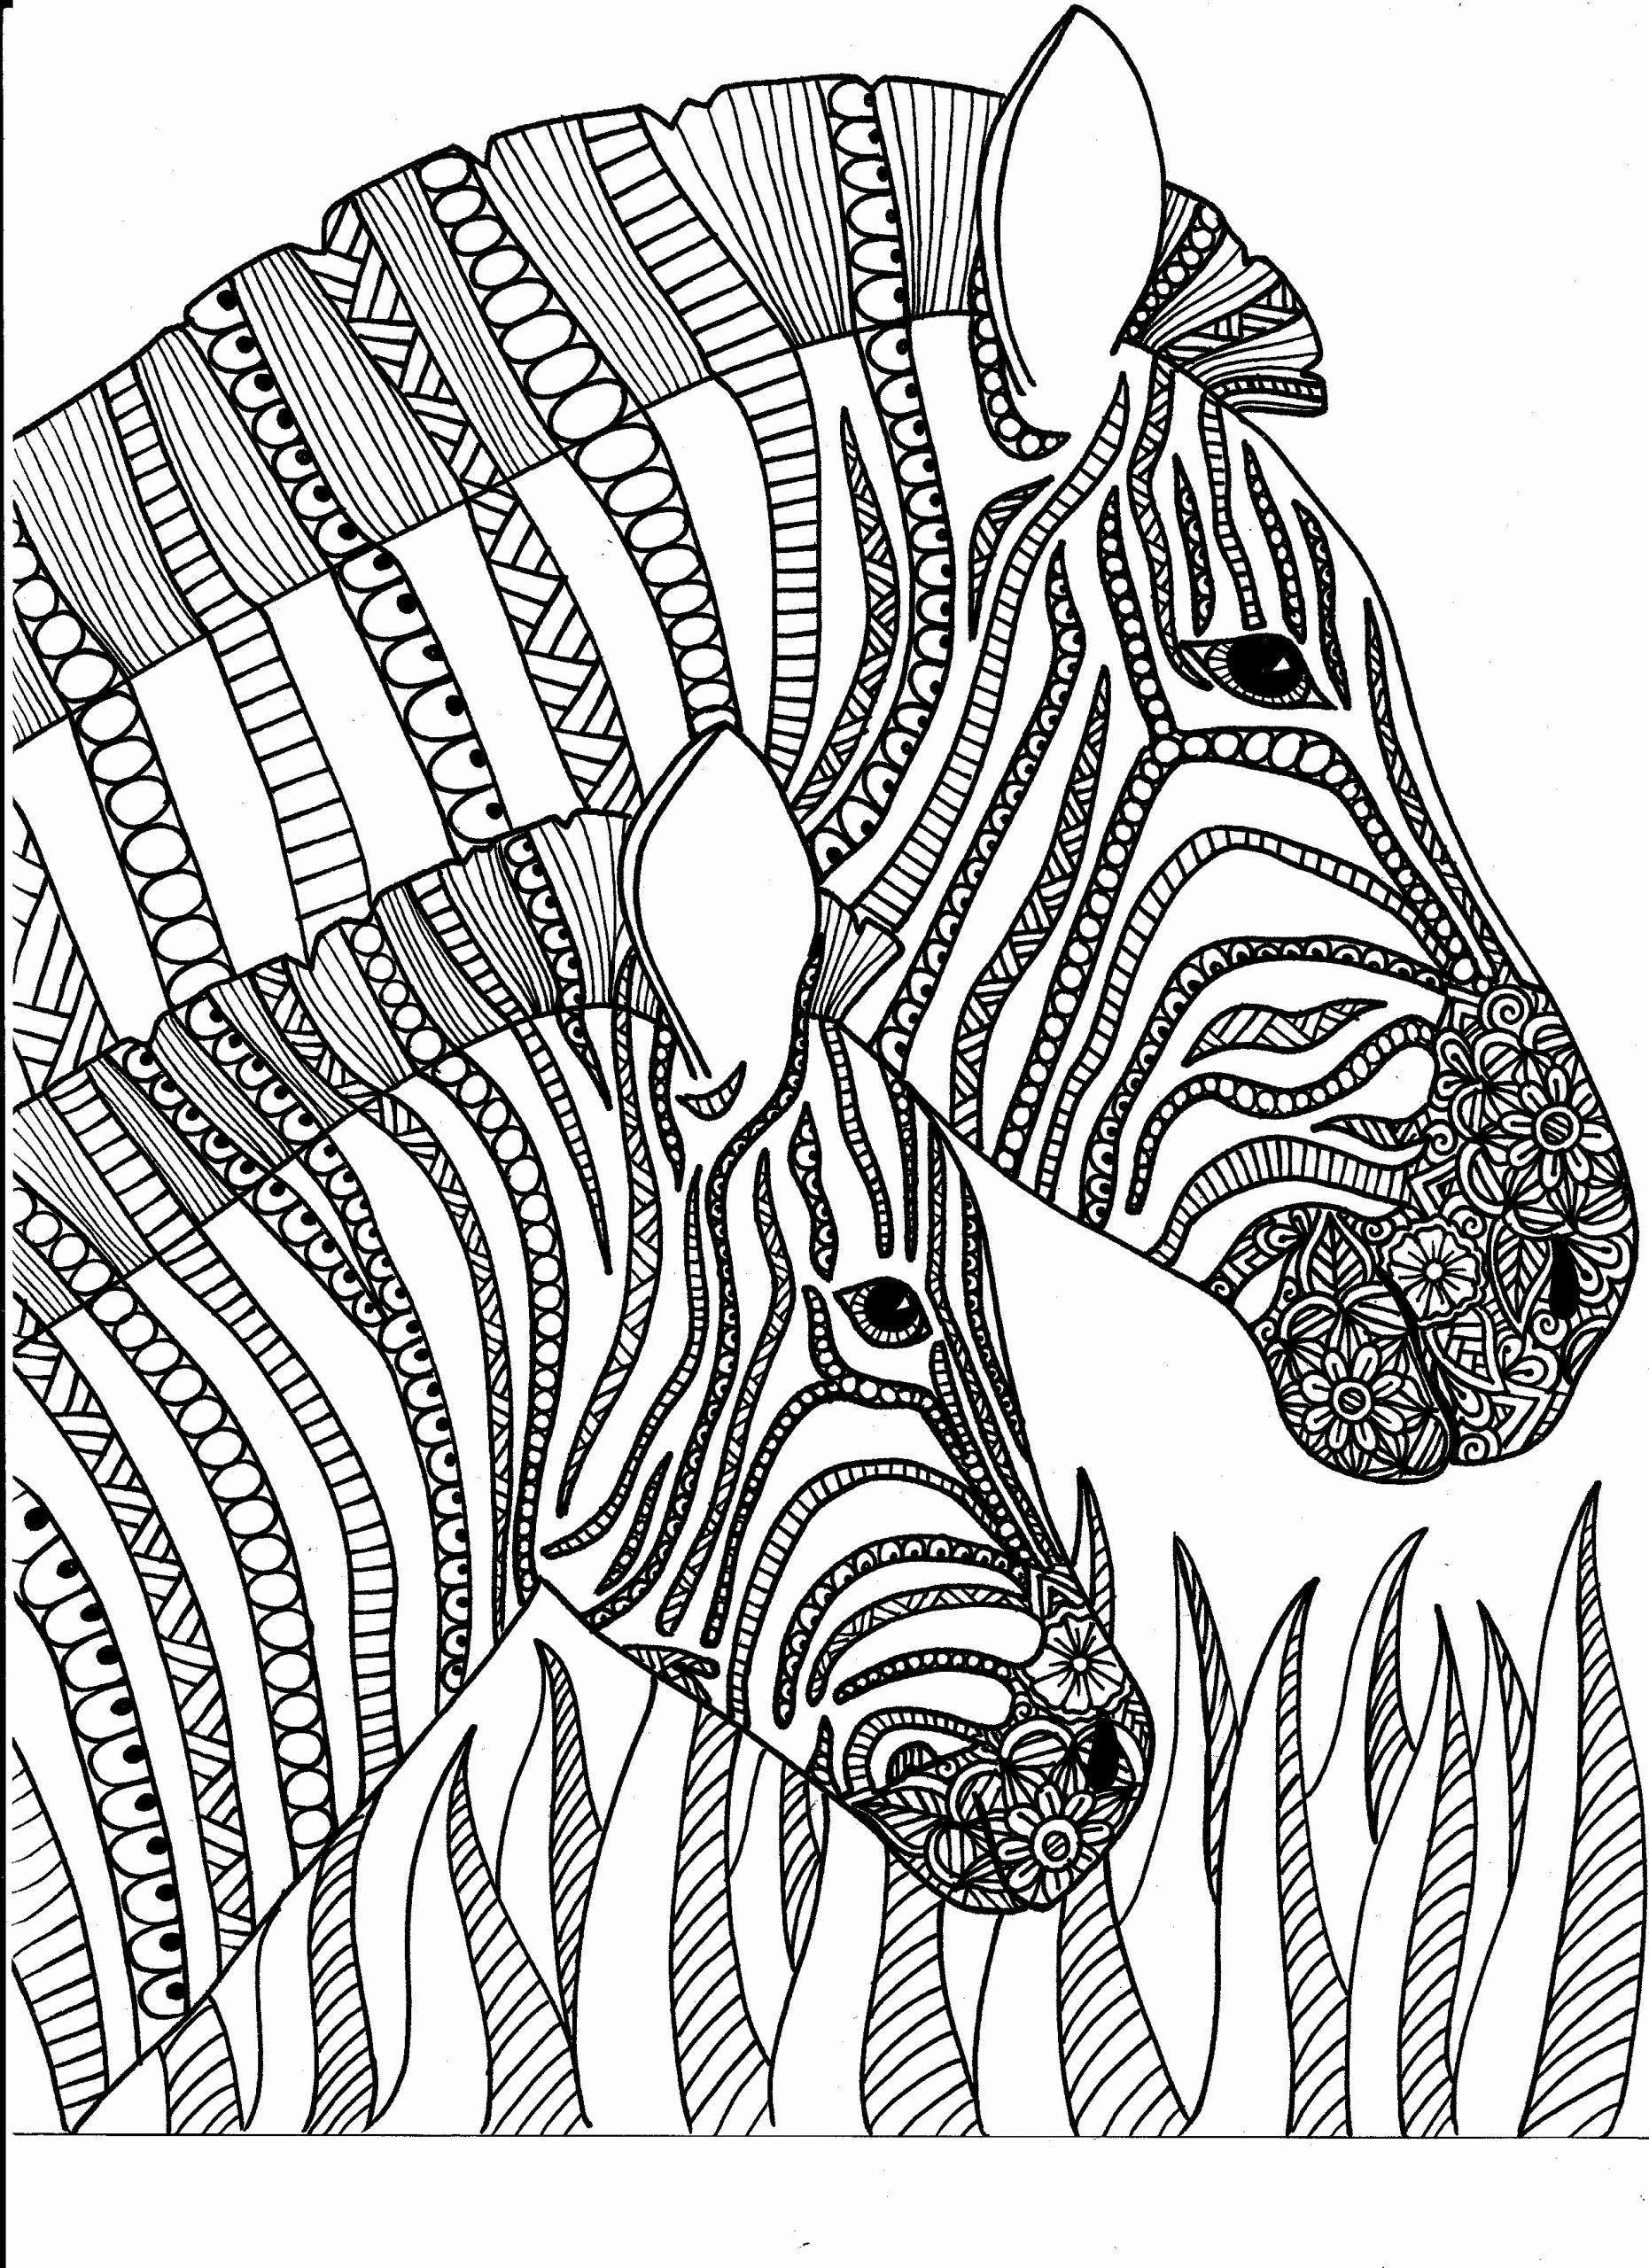 Animal Kingdom Coloring Books In 2020 Animal Kingdom Colouring Book Animal Coloring Books Animals